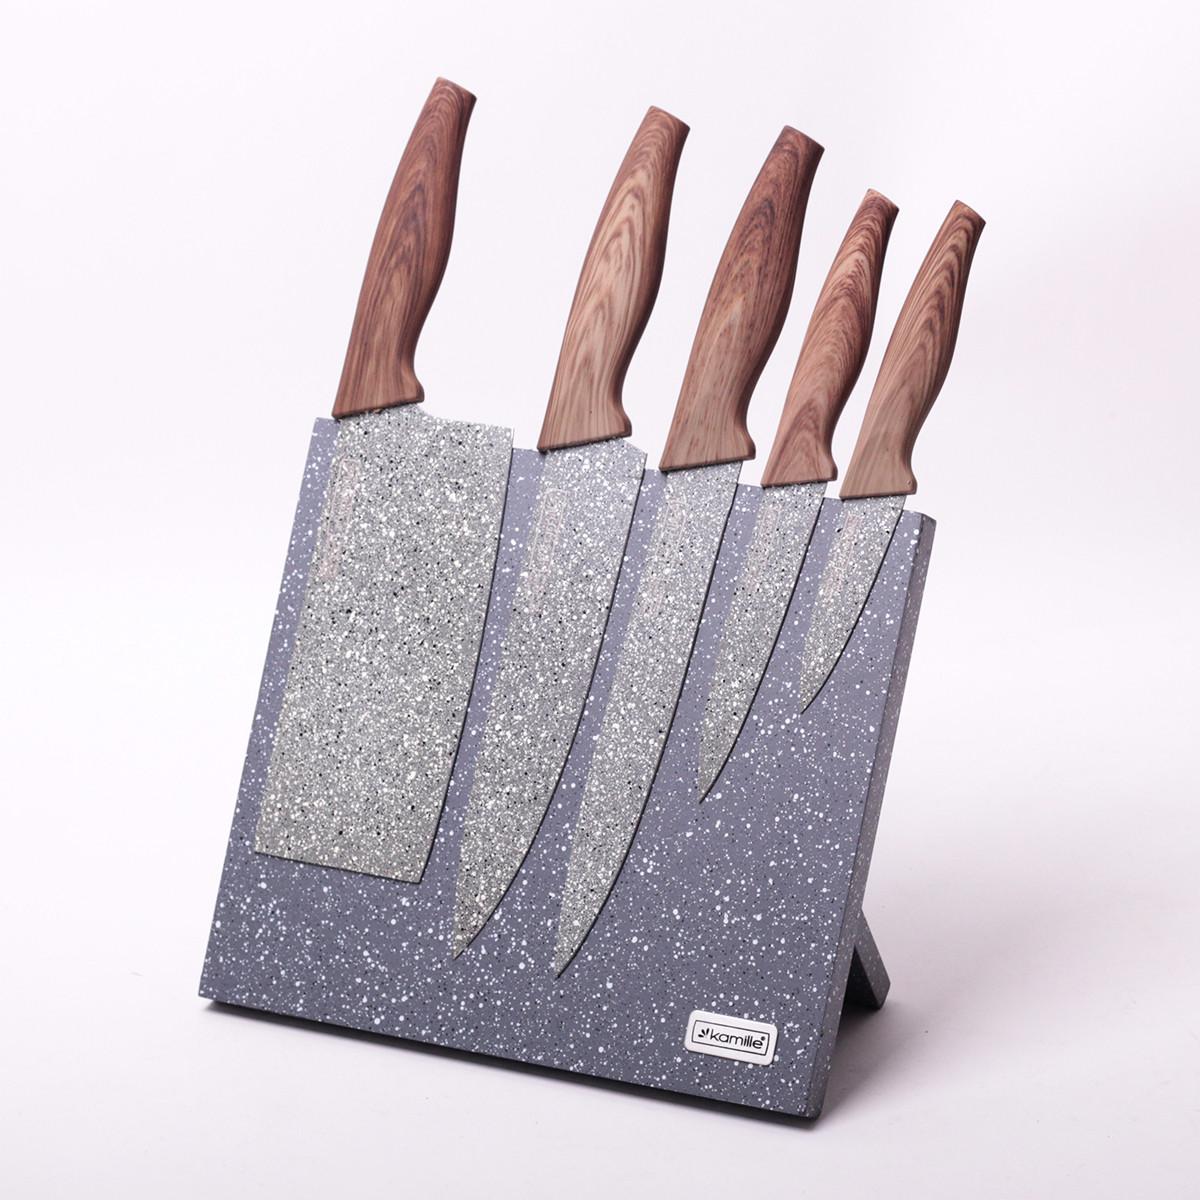 Набор кухонных ножей из нерж/ст с мраморным покрытием Kamille, 5 ножей на акриловой (магнитной) подставке